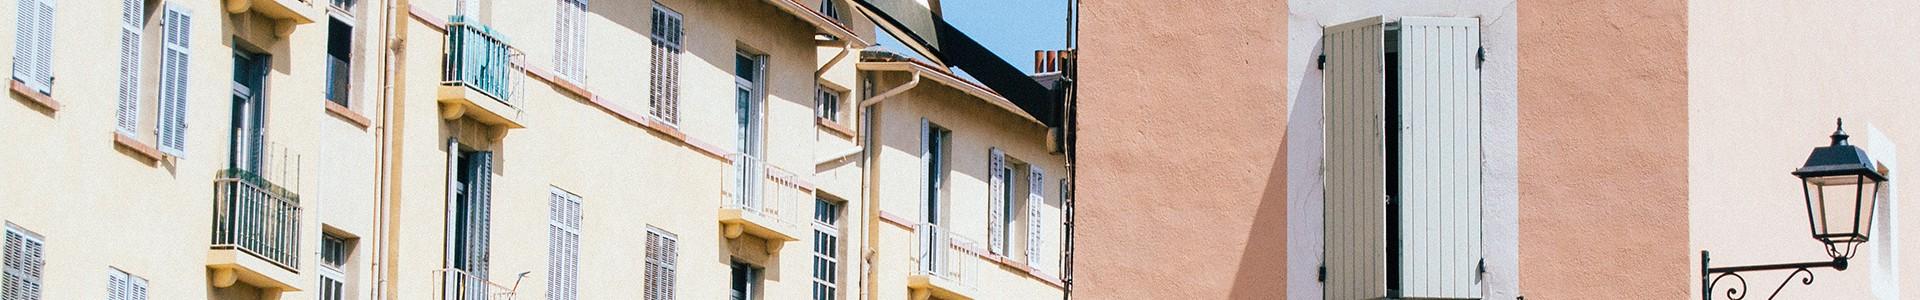 Centre Historique d'Istres